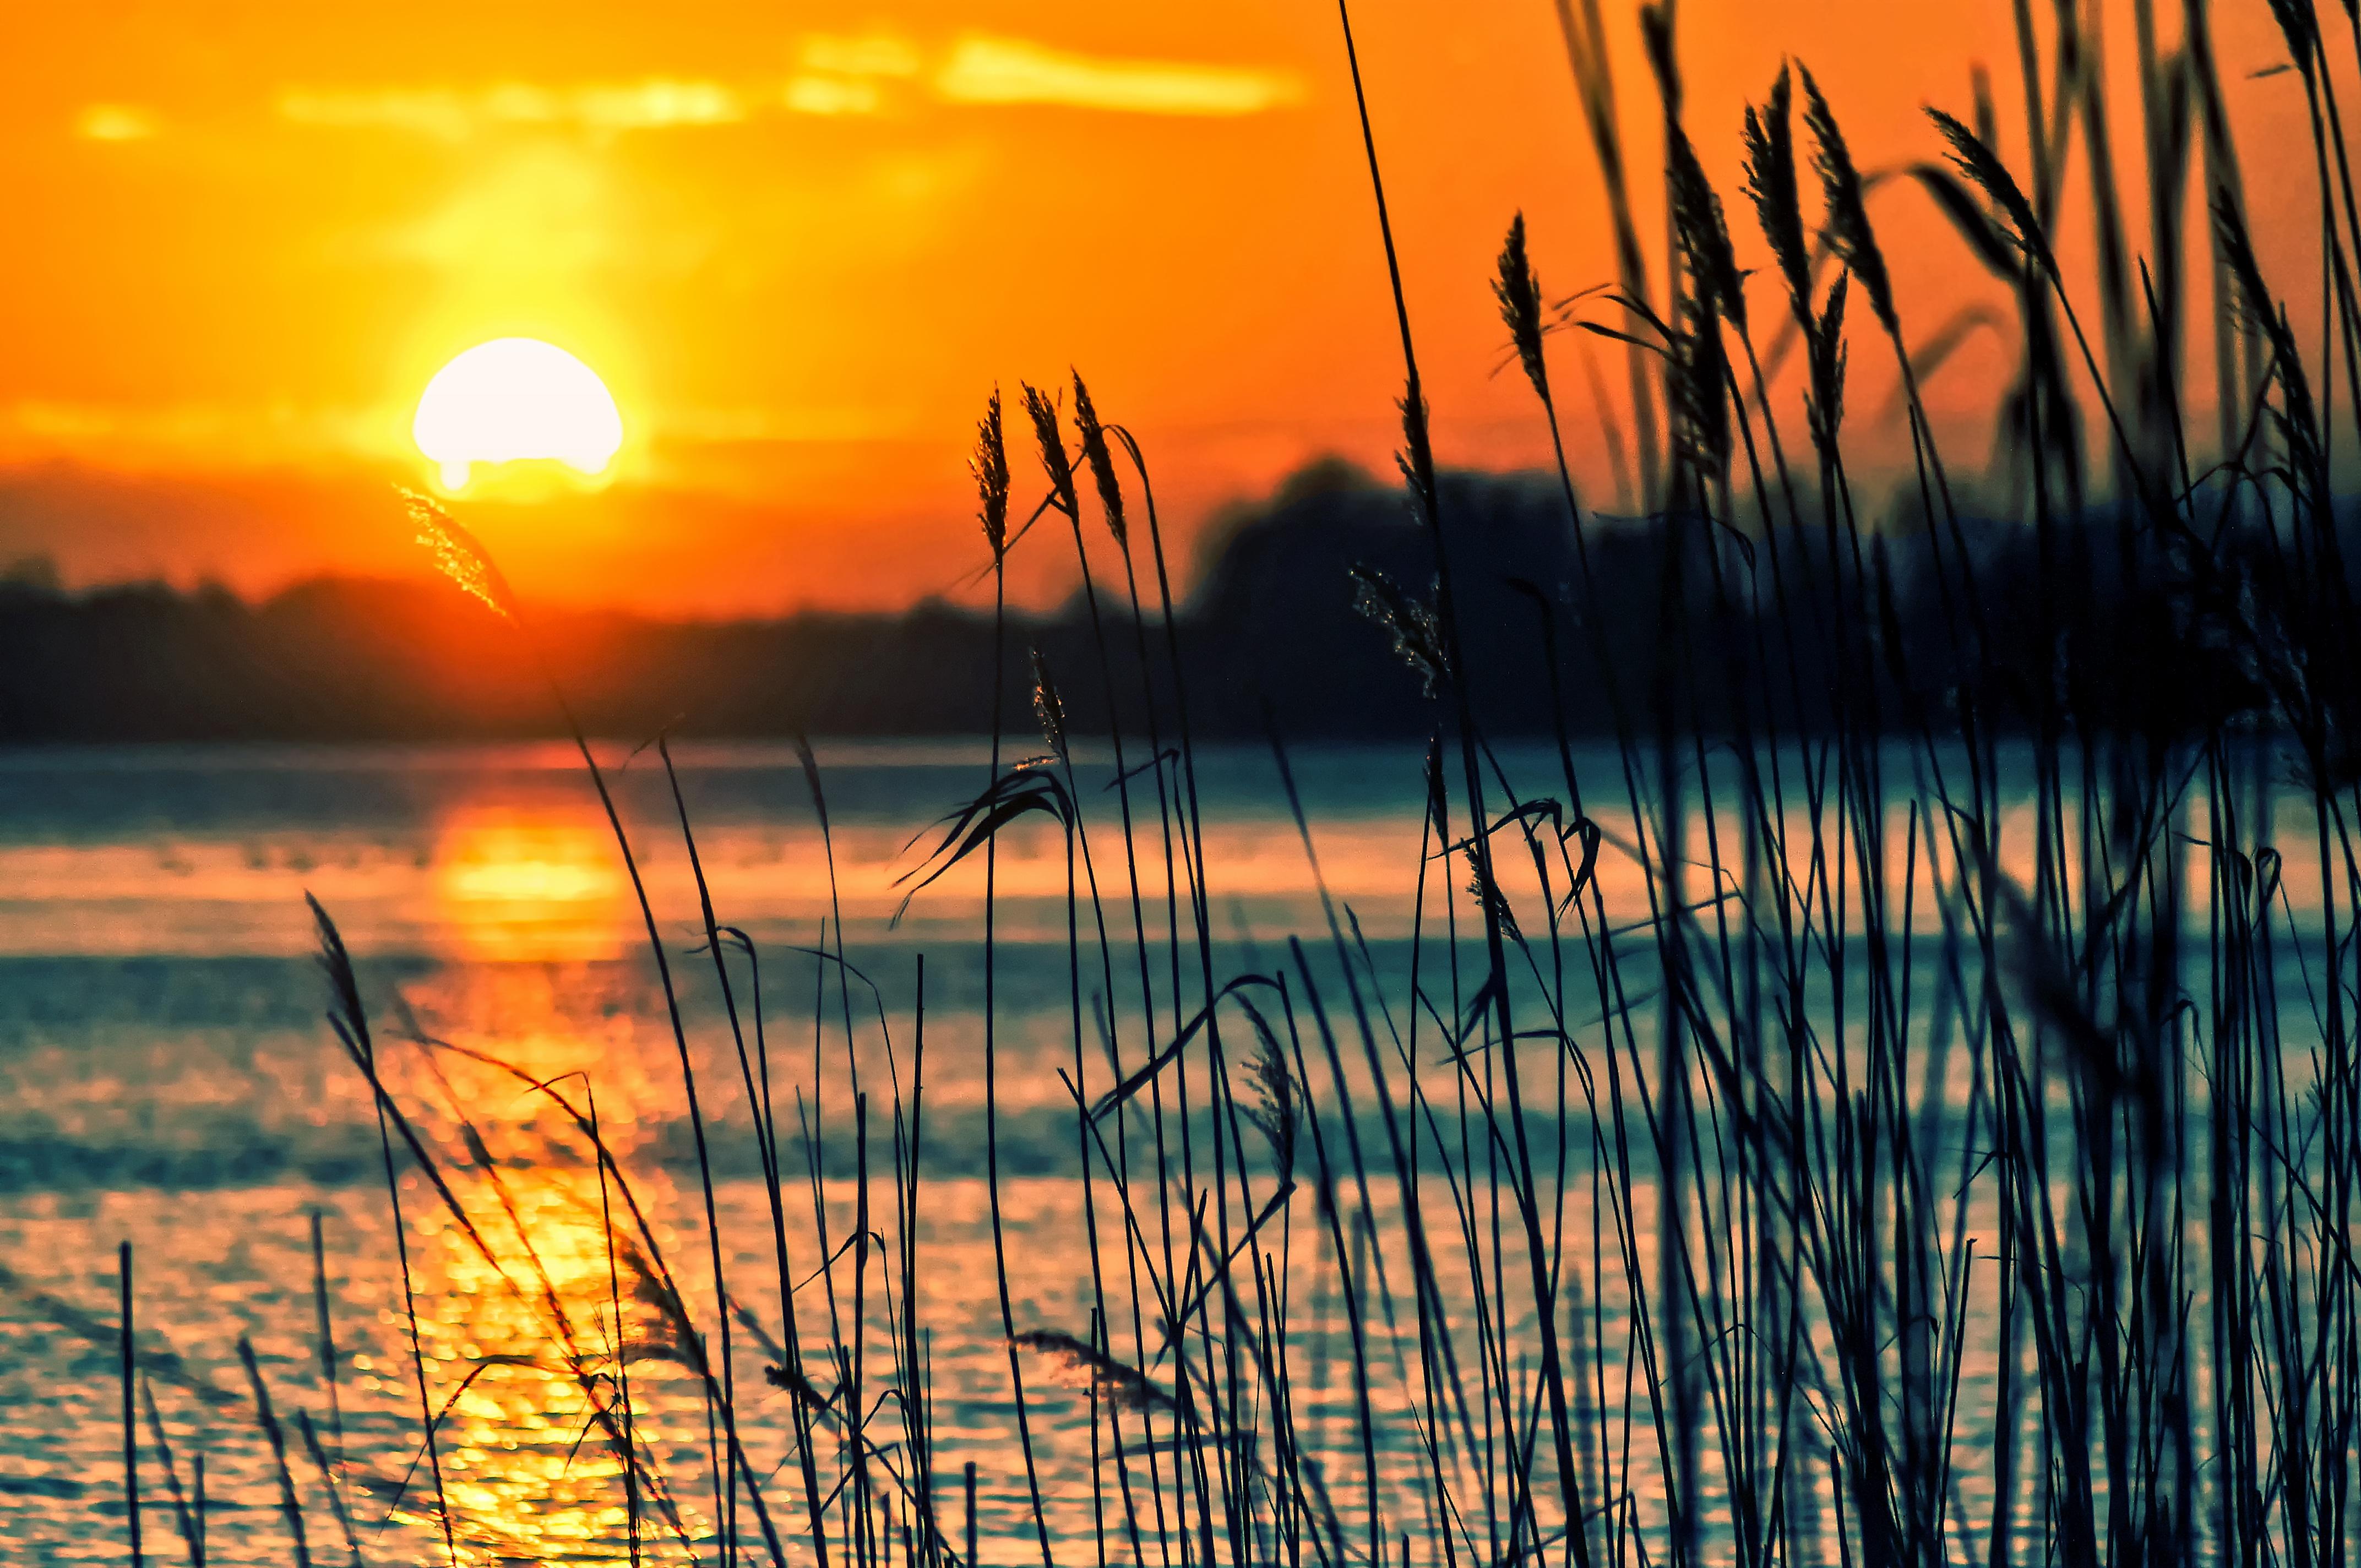 озеро в лесу на закате  № 380292 бесплатно